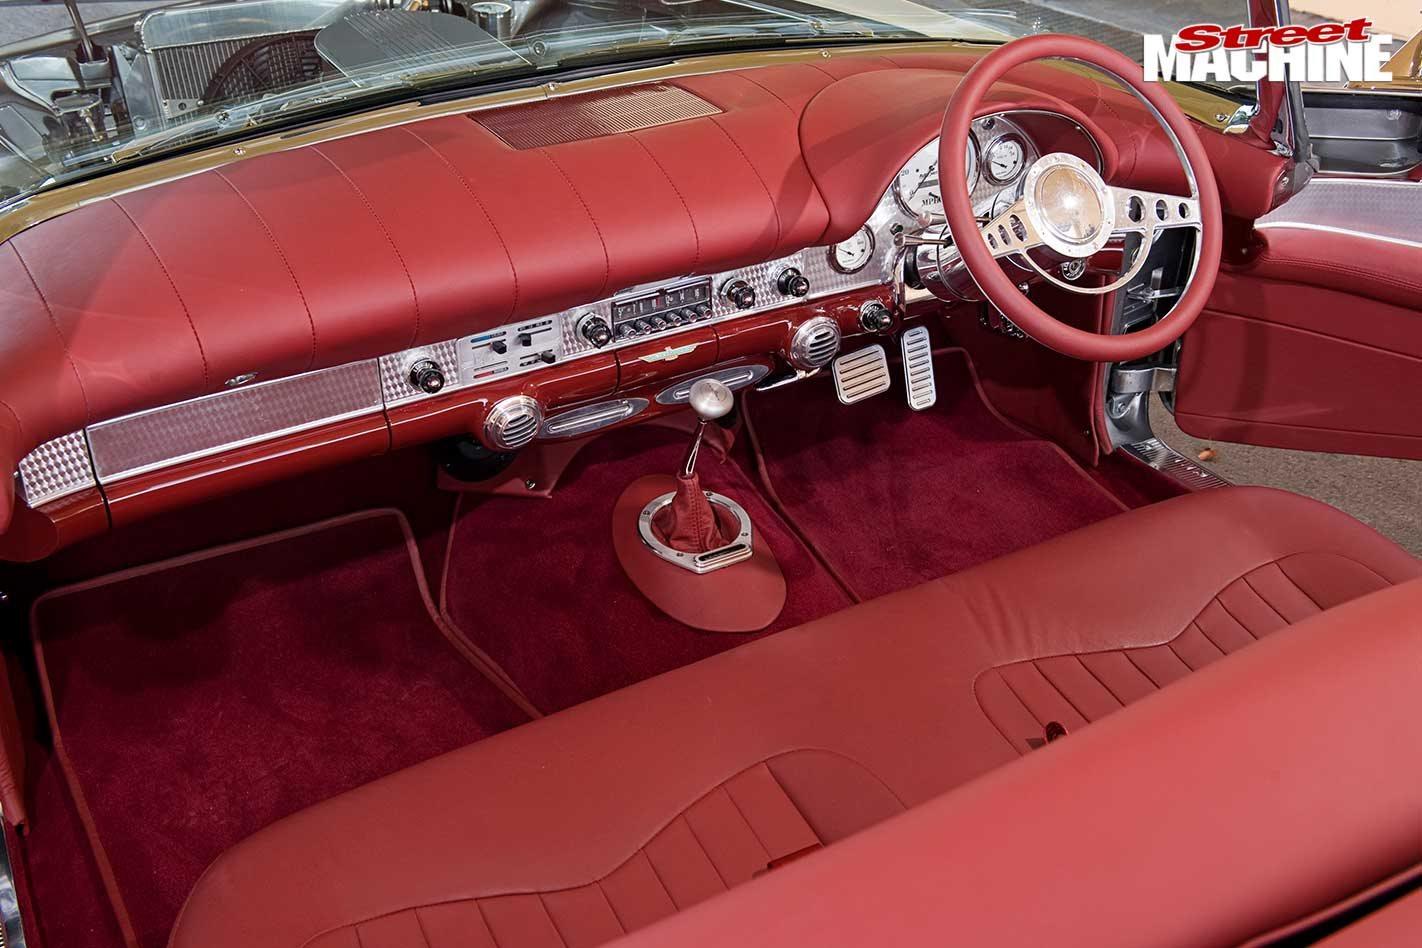 Stroker 371 Windsor-powered 1957 Ford Thunderbird - flashback